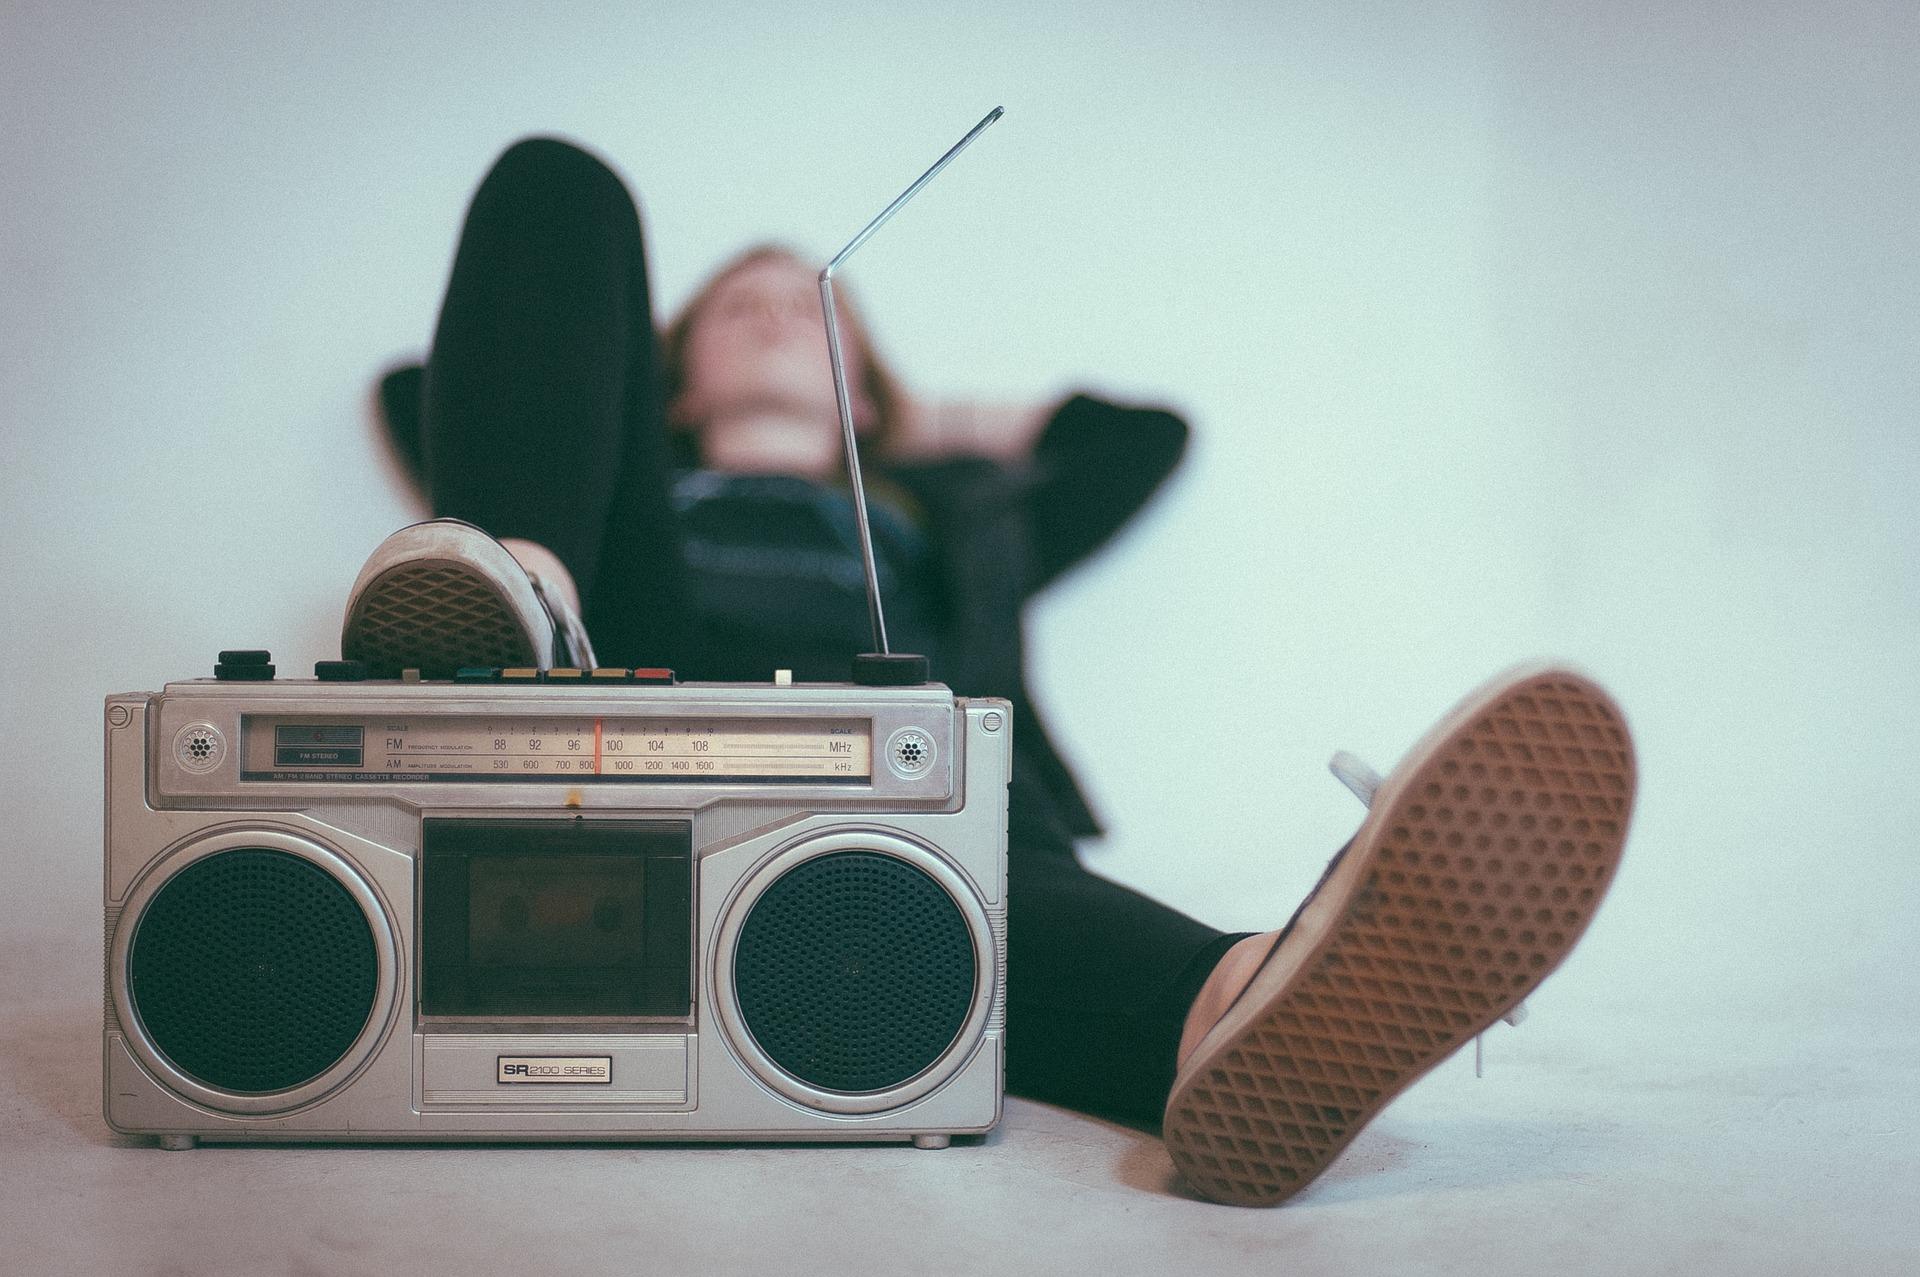 ¿Cuándo me conviene contratar cuñas de radio?